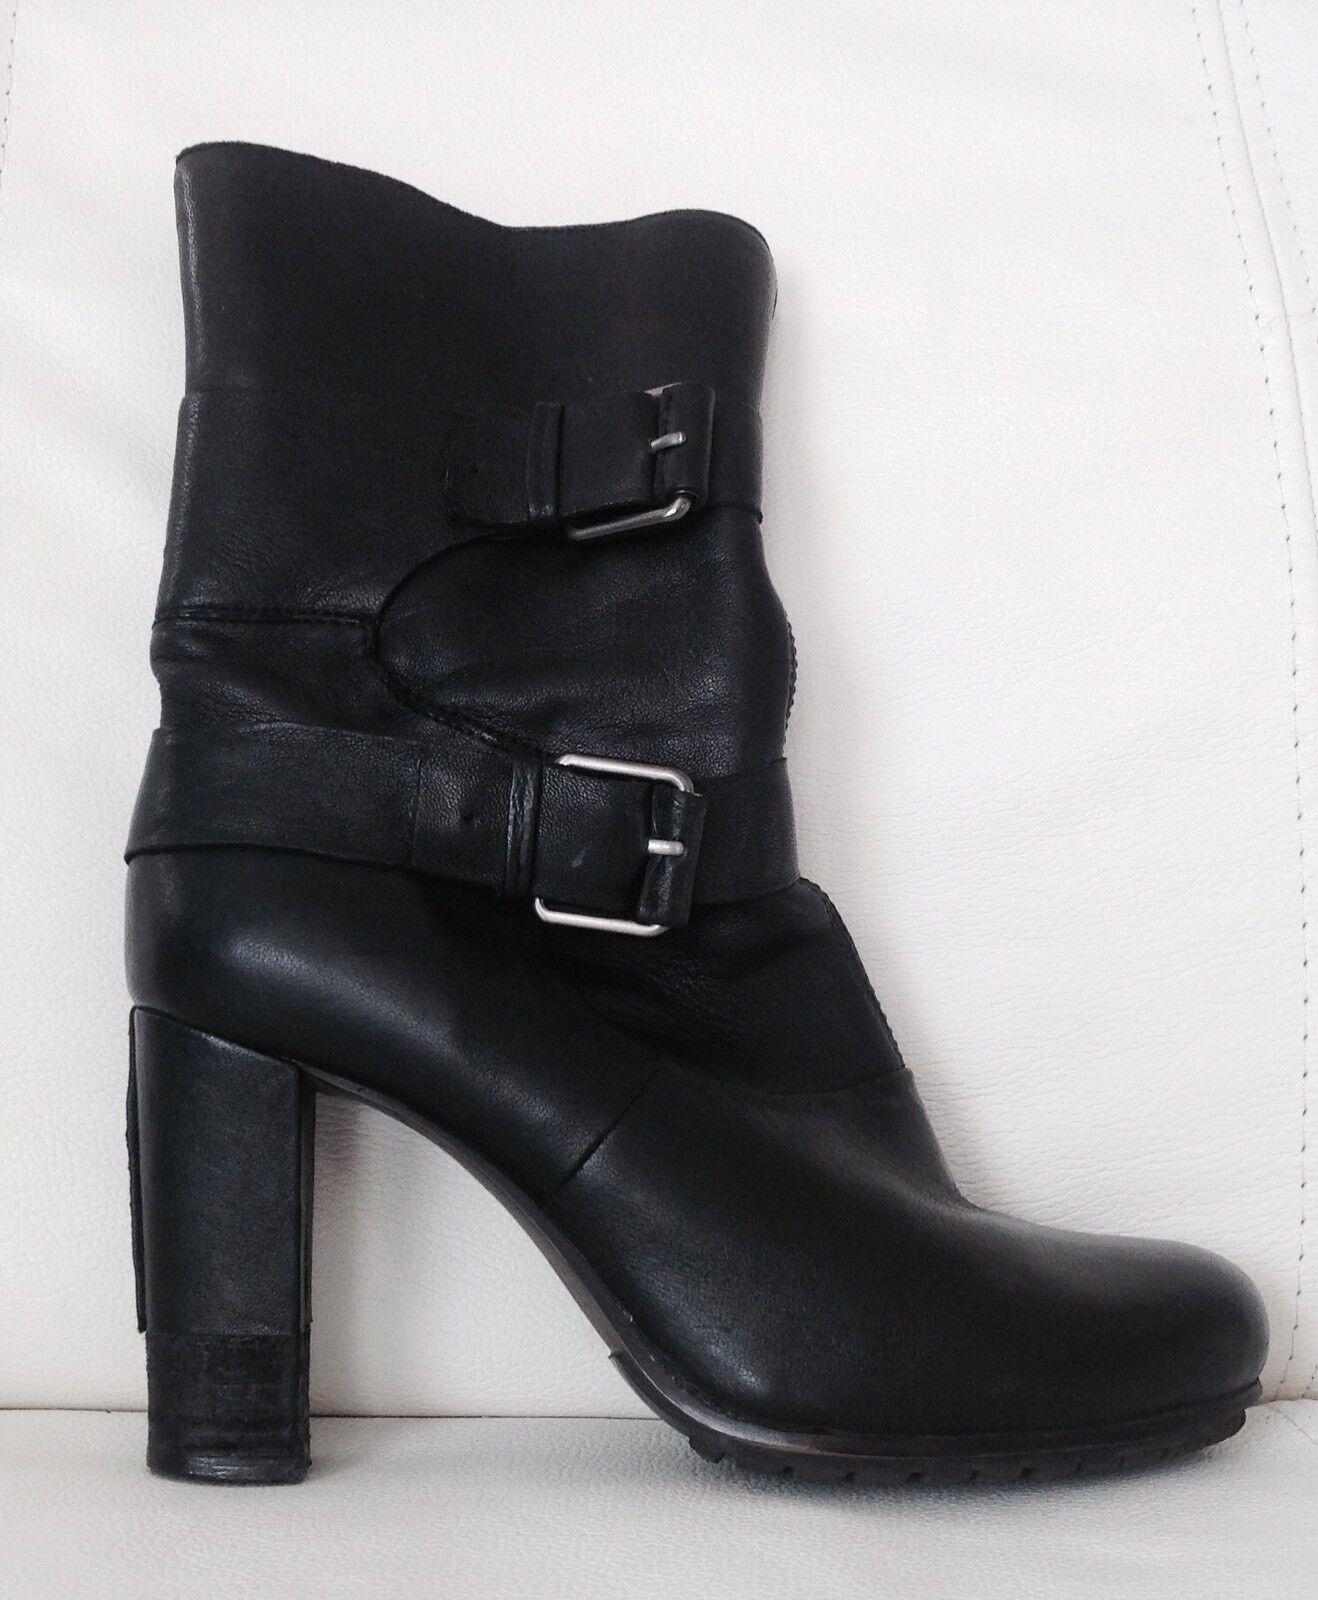 BRUNO PREMI Luxus Stiefeletten Schuhe Schwarz Echt Leder Gr.36